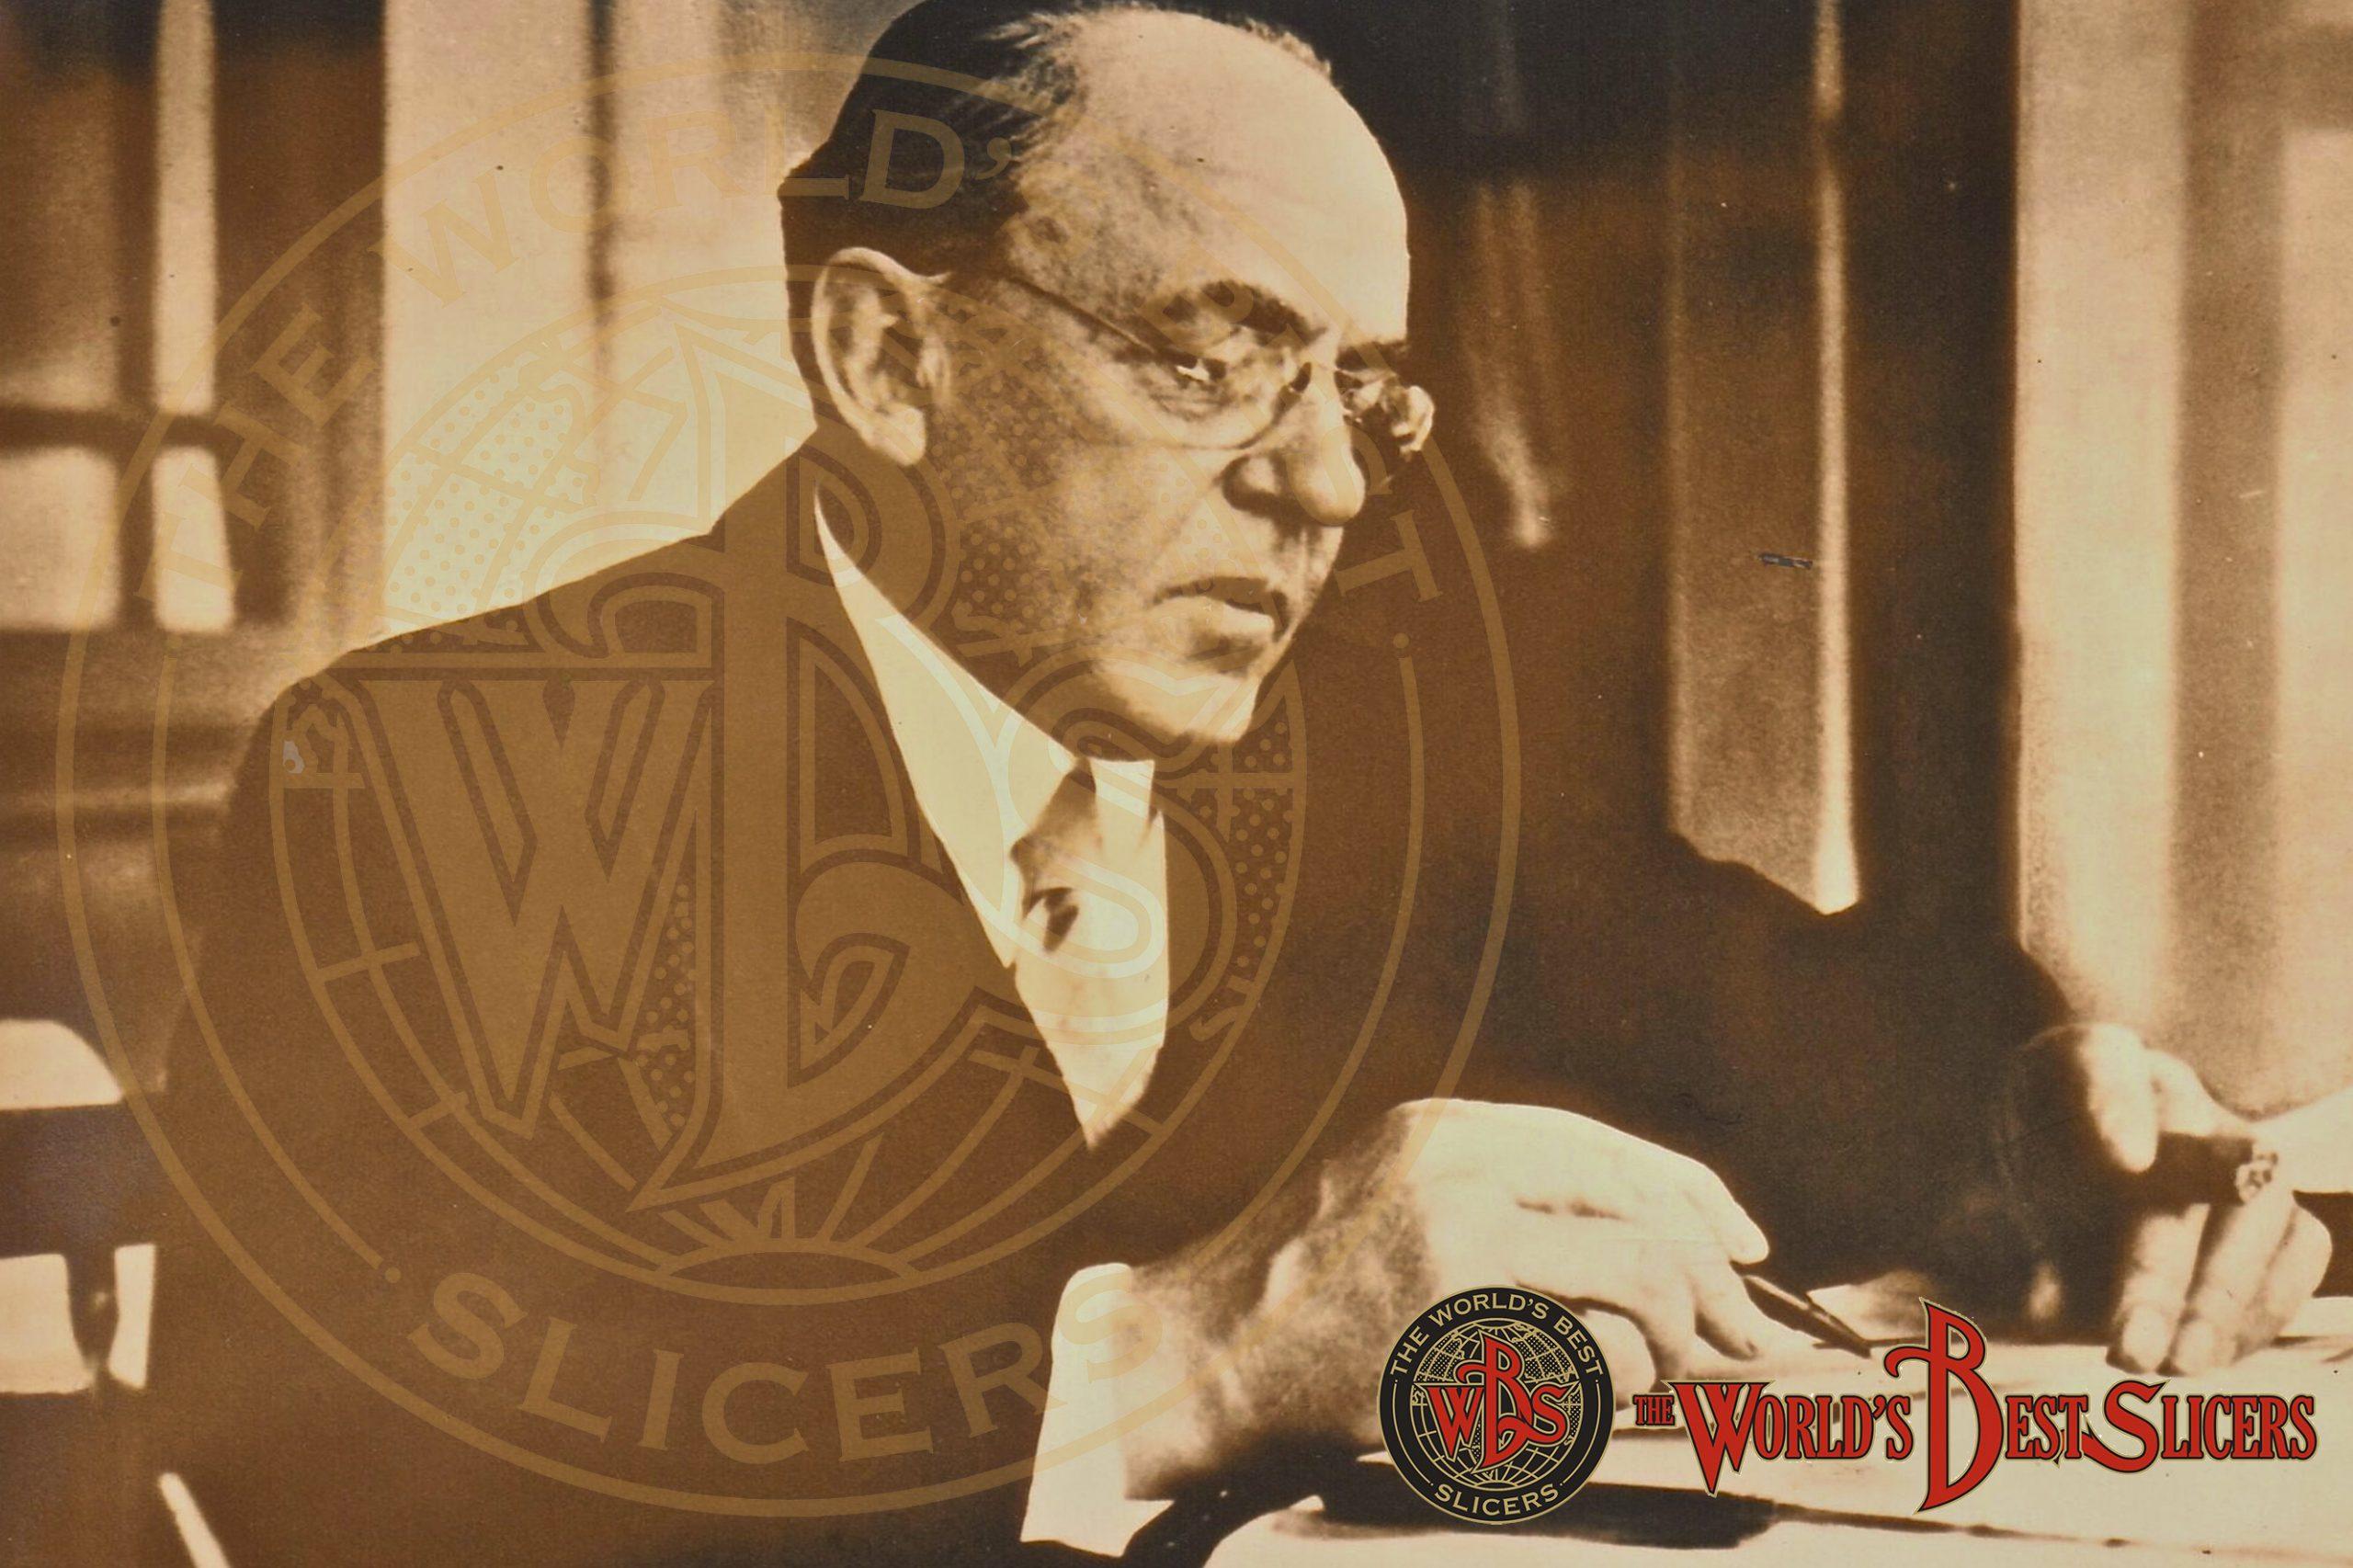 0-scaled W.A.Van Berkel's Geschichte